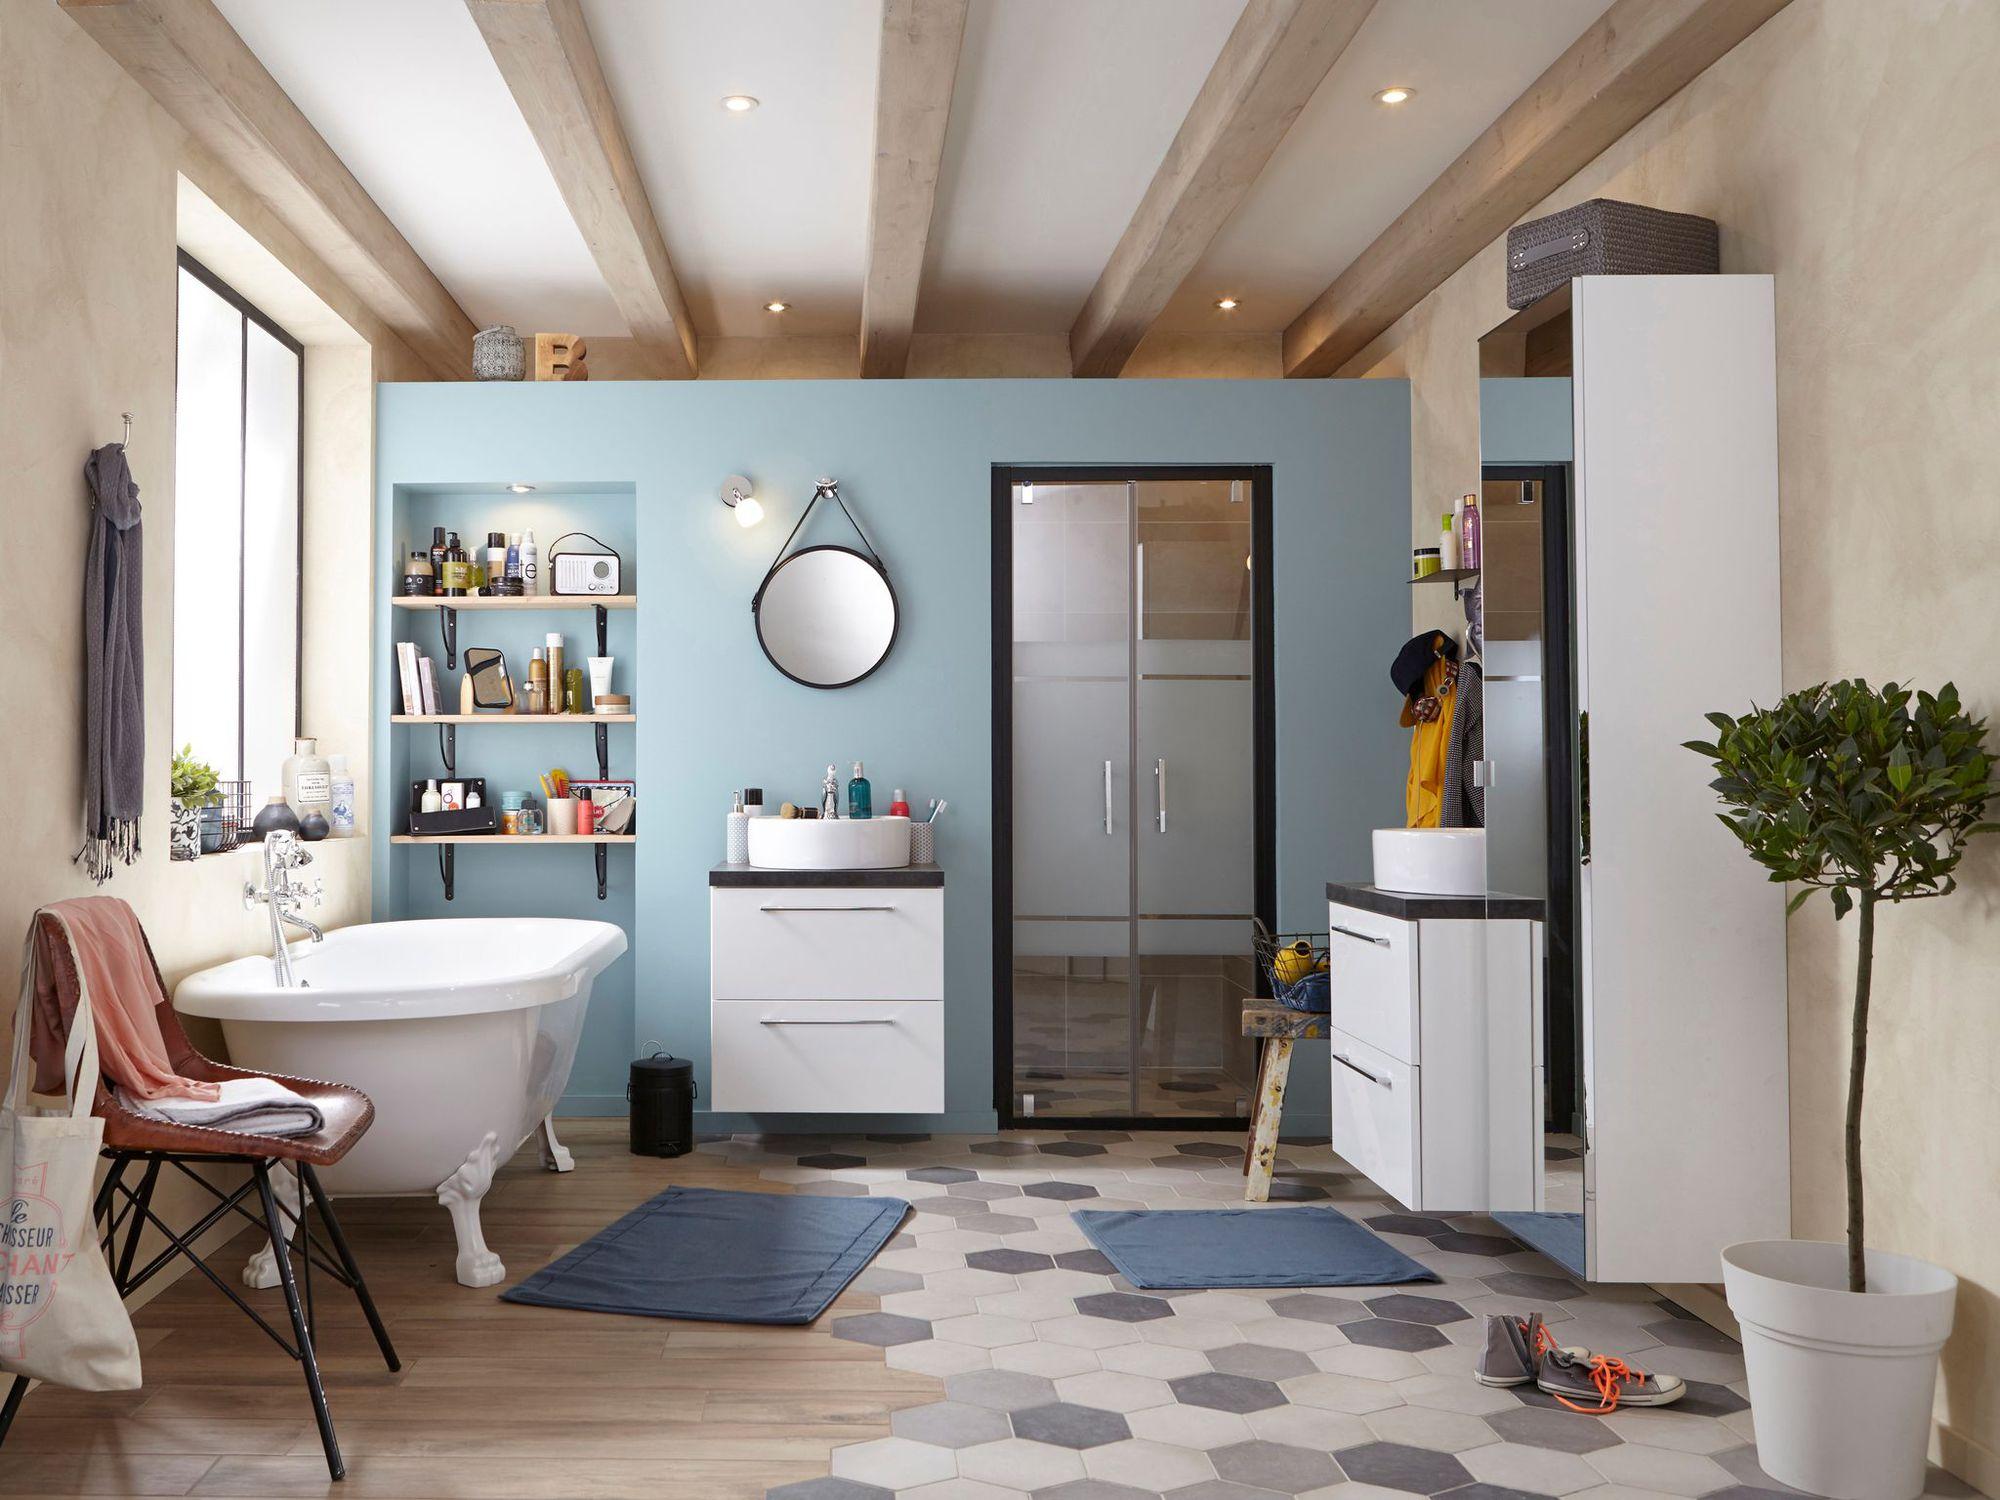 Comment Aménager Une Salle De Bain Pour Toute La Famille Kalla - Comment amenager une salle de bain